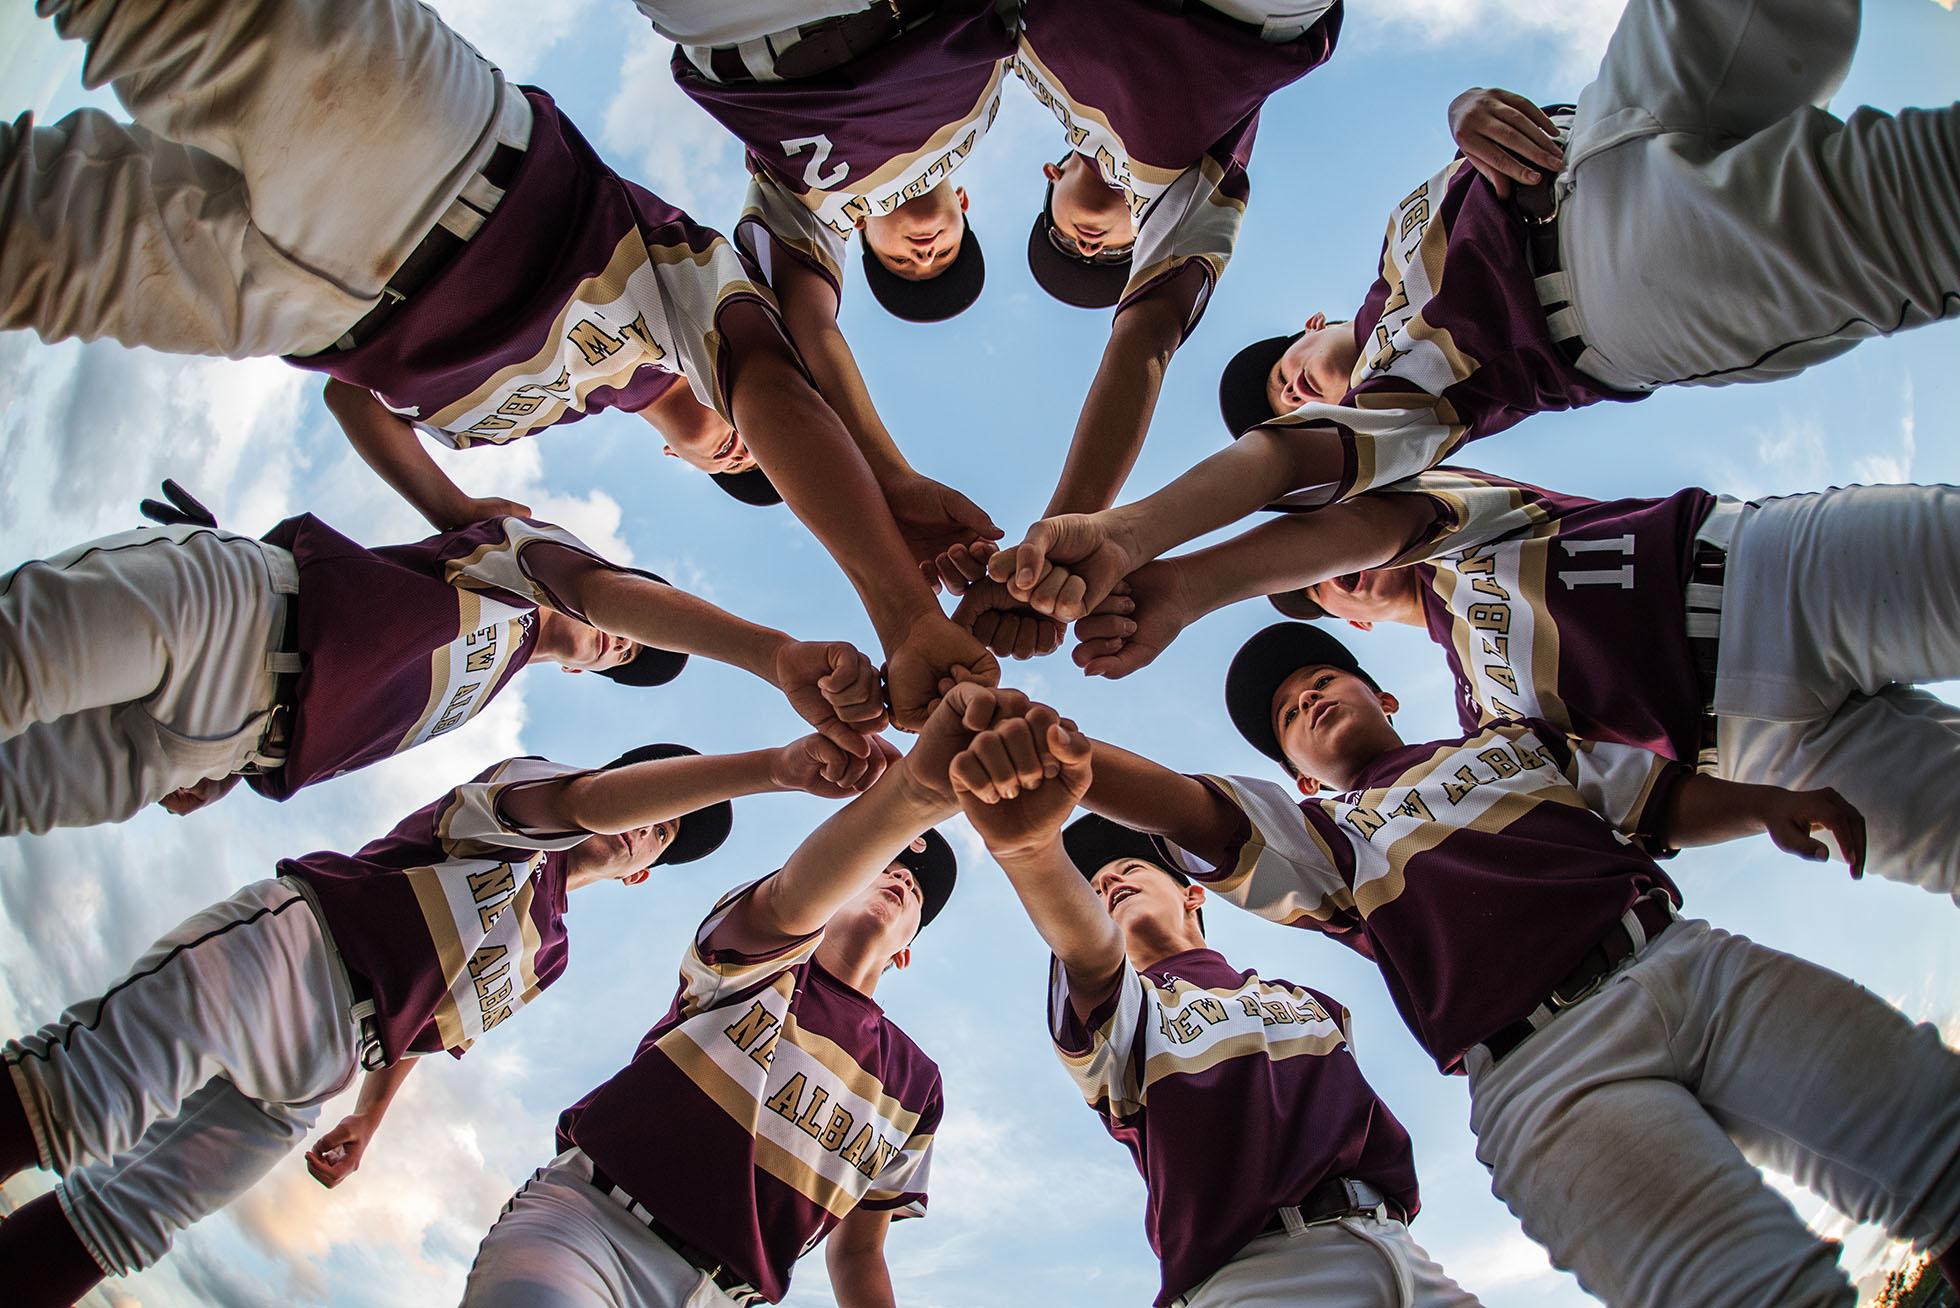 baseball-players-in-huddle-from-below-kellie-bieser